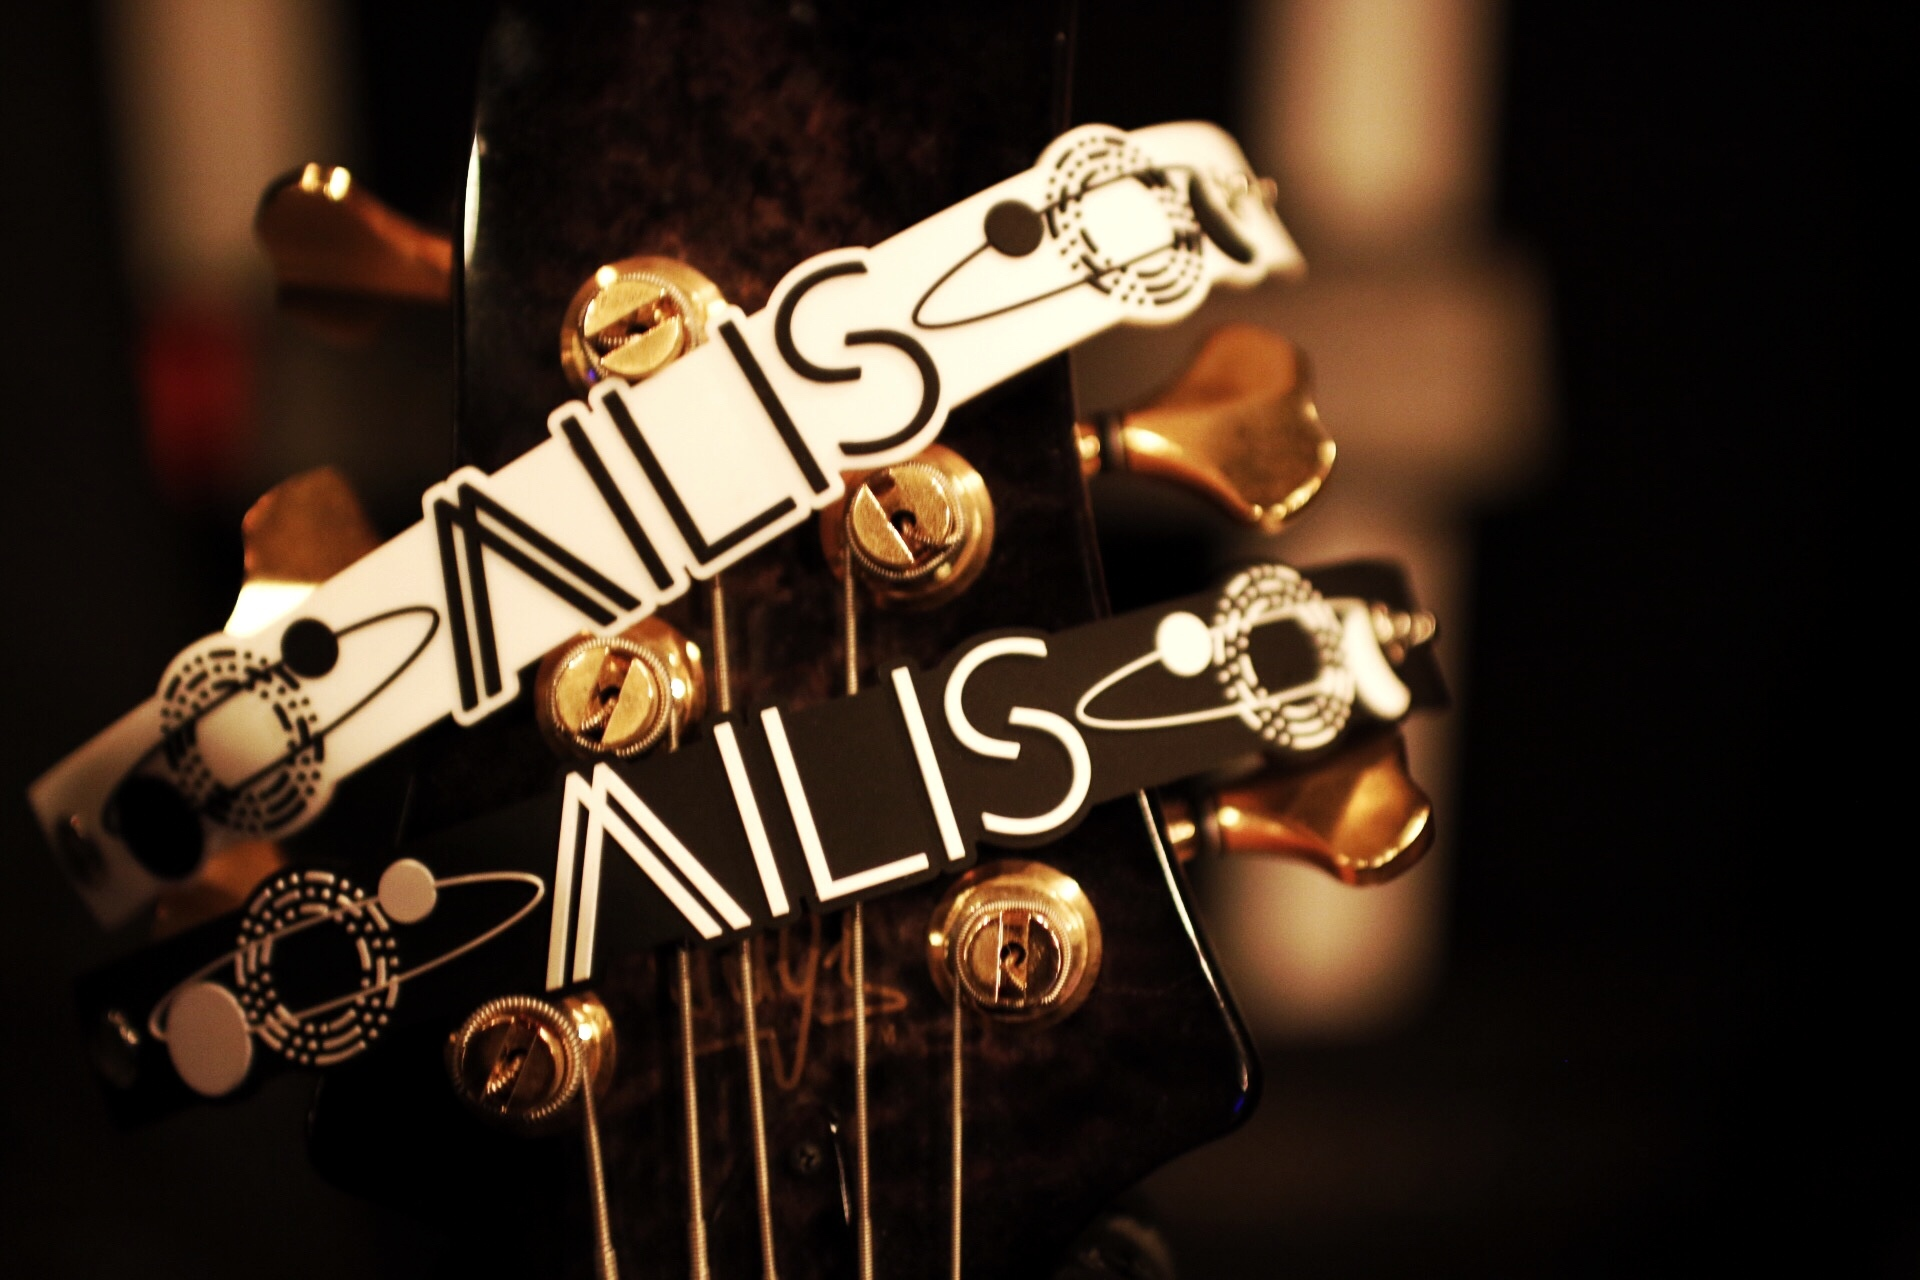 acOlaSia × AILIS コラボ ラバーバンド